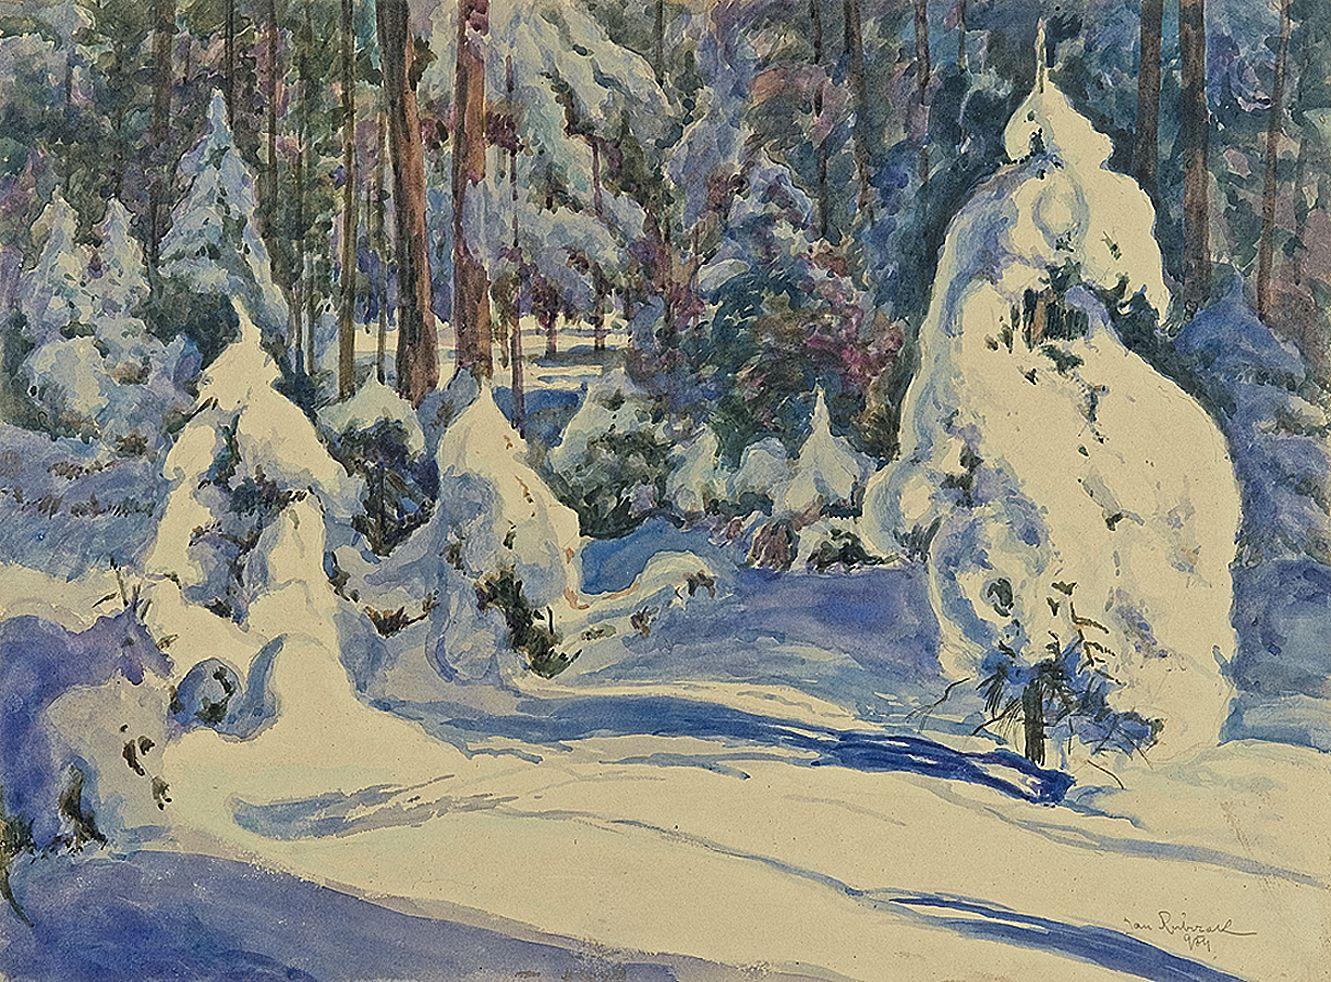 Ян Рубчак. Ліс в снігу, 1931; папір, акварель